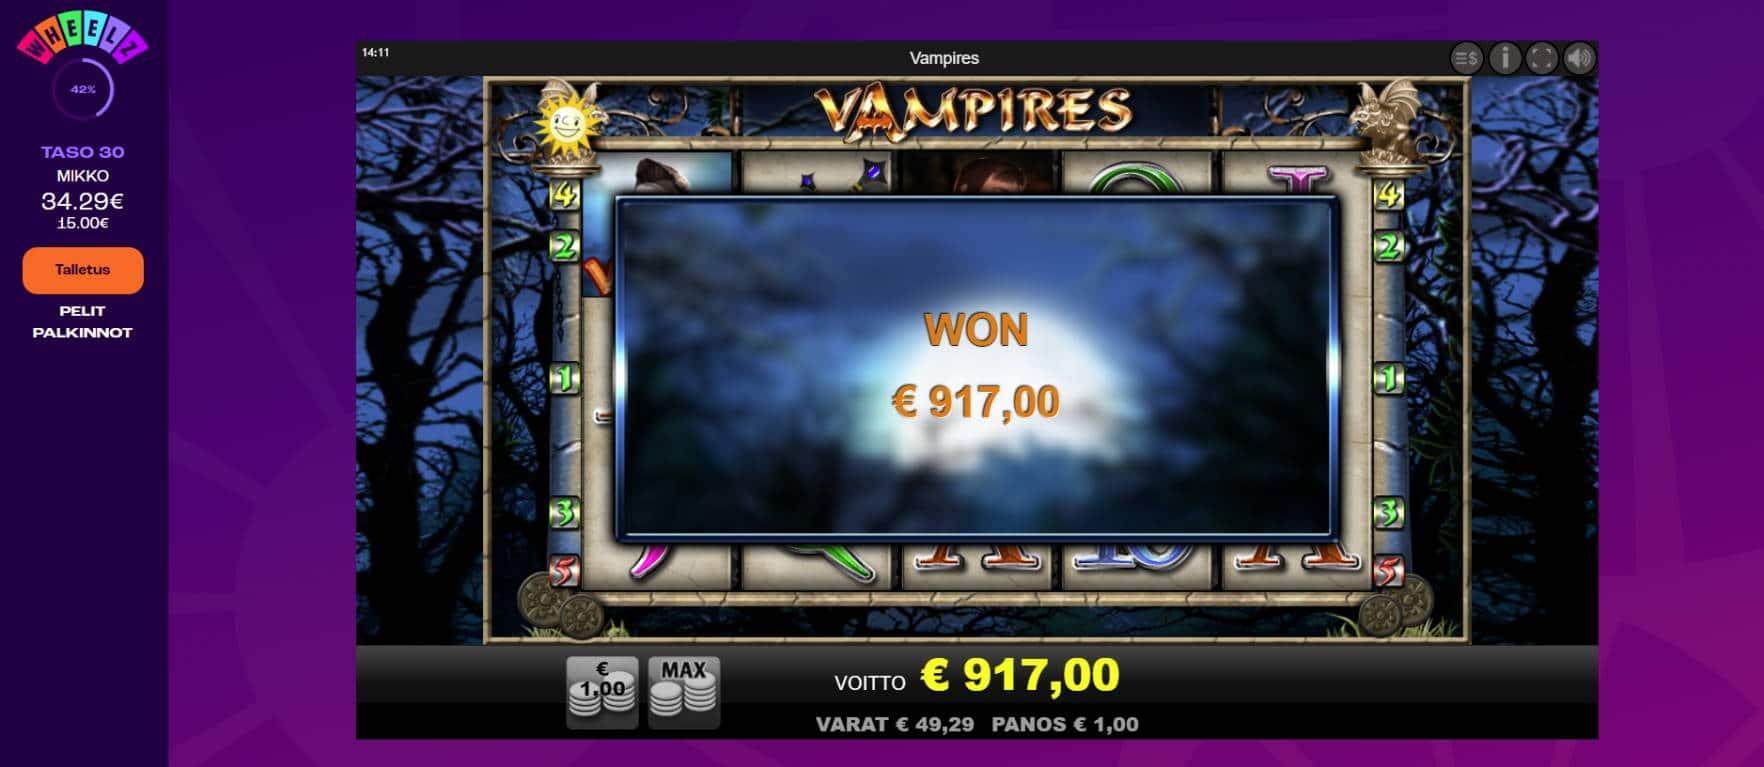 Vampires Casino win picture by Banhamm 15.7.2021 917e 917X Wheelz